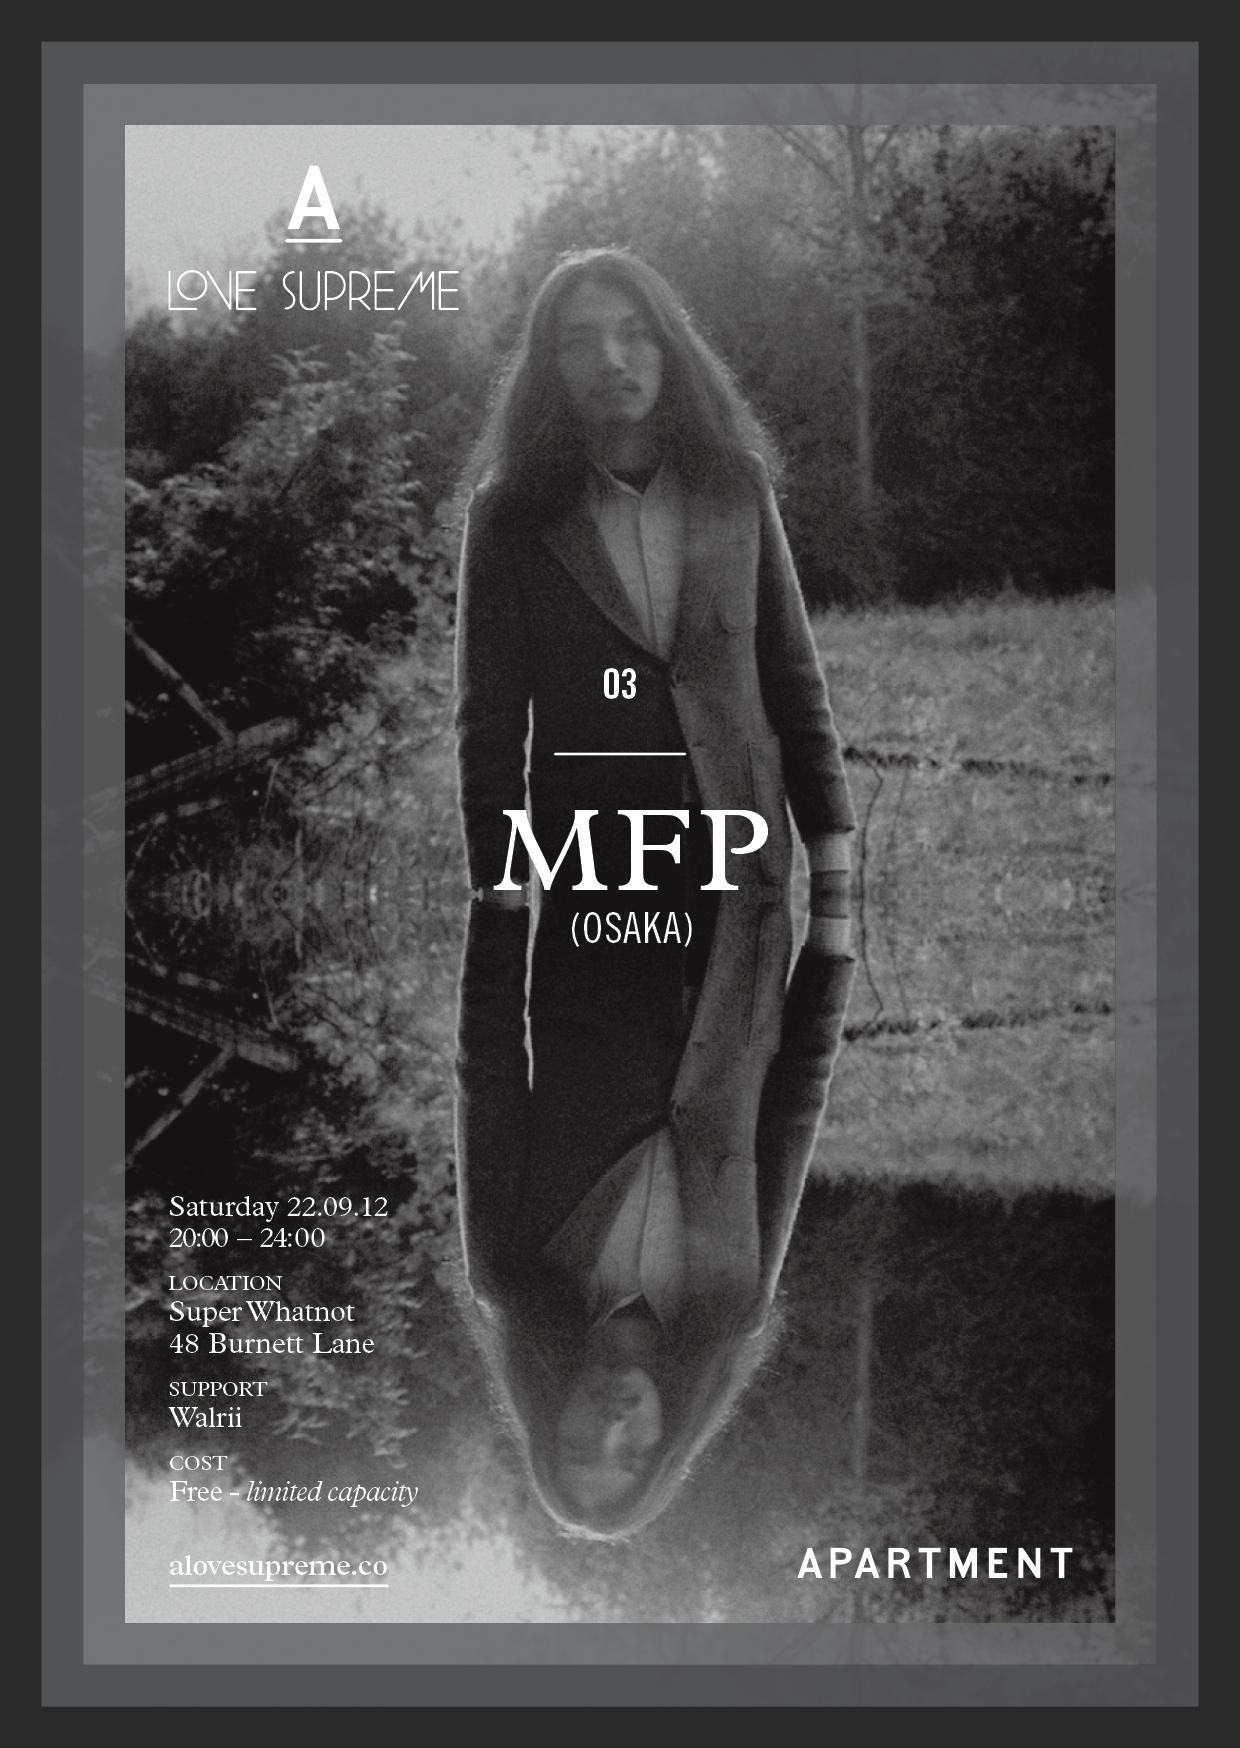 ALS-alovesupreme-03-mfp-walrii-postcard-press-.png